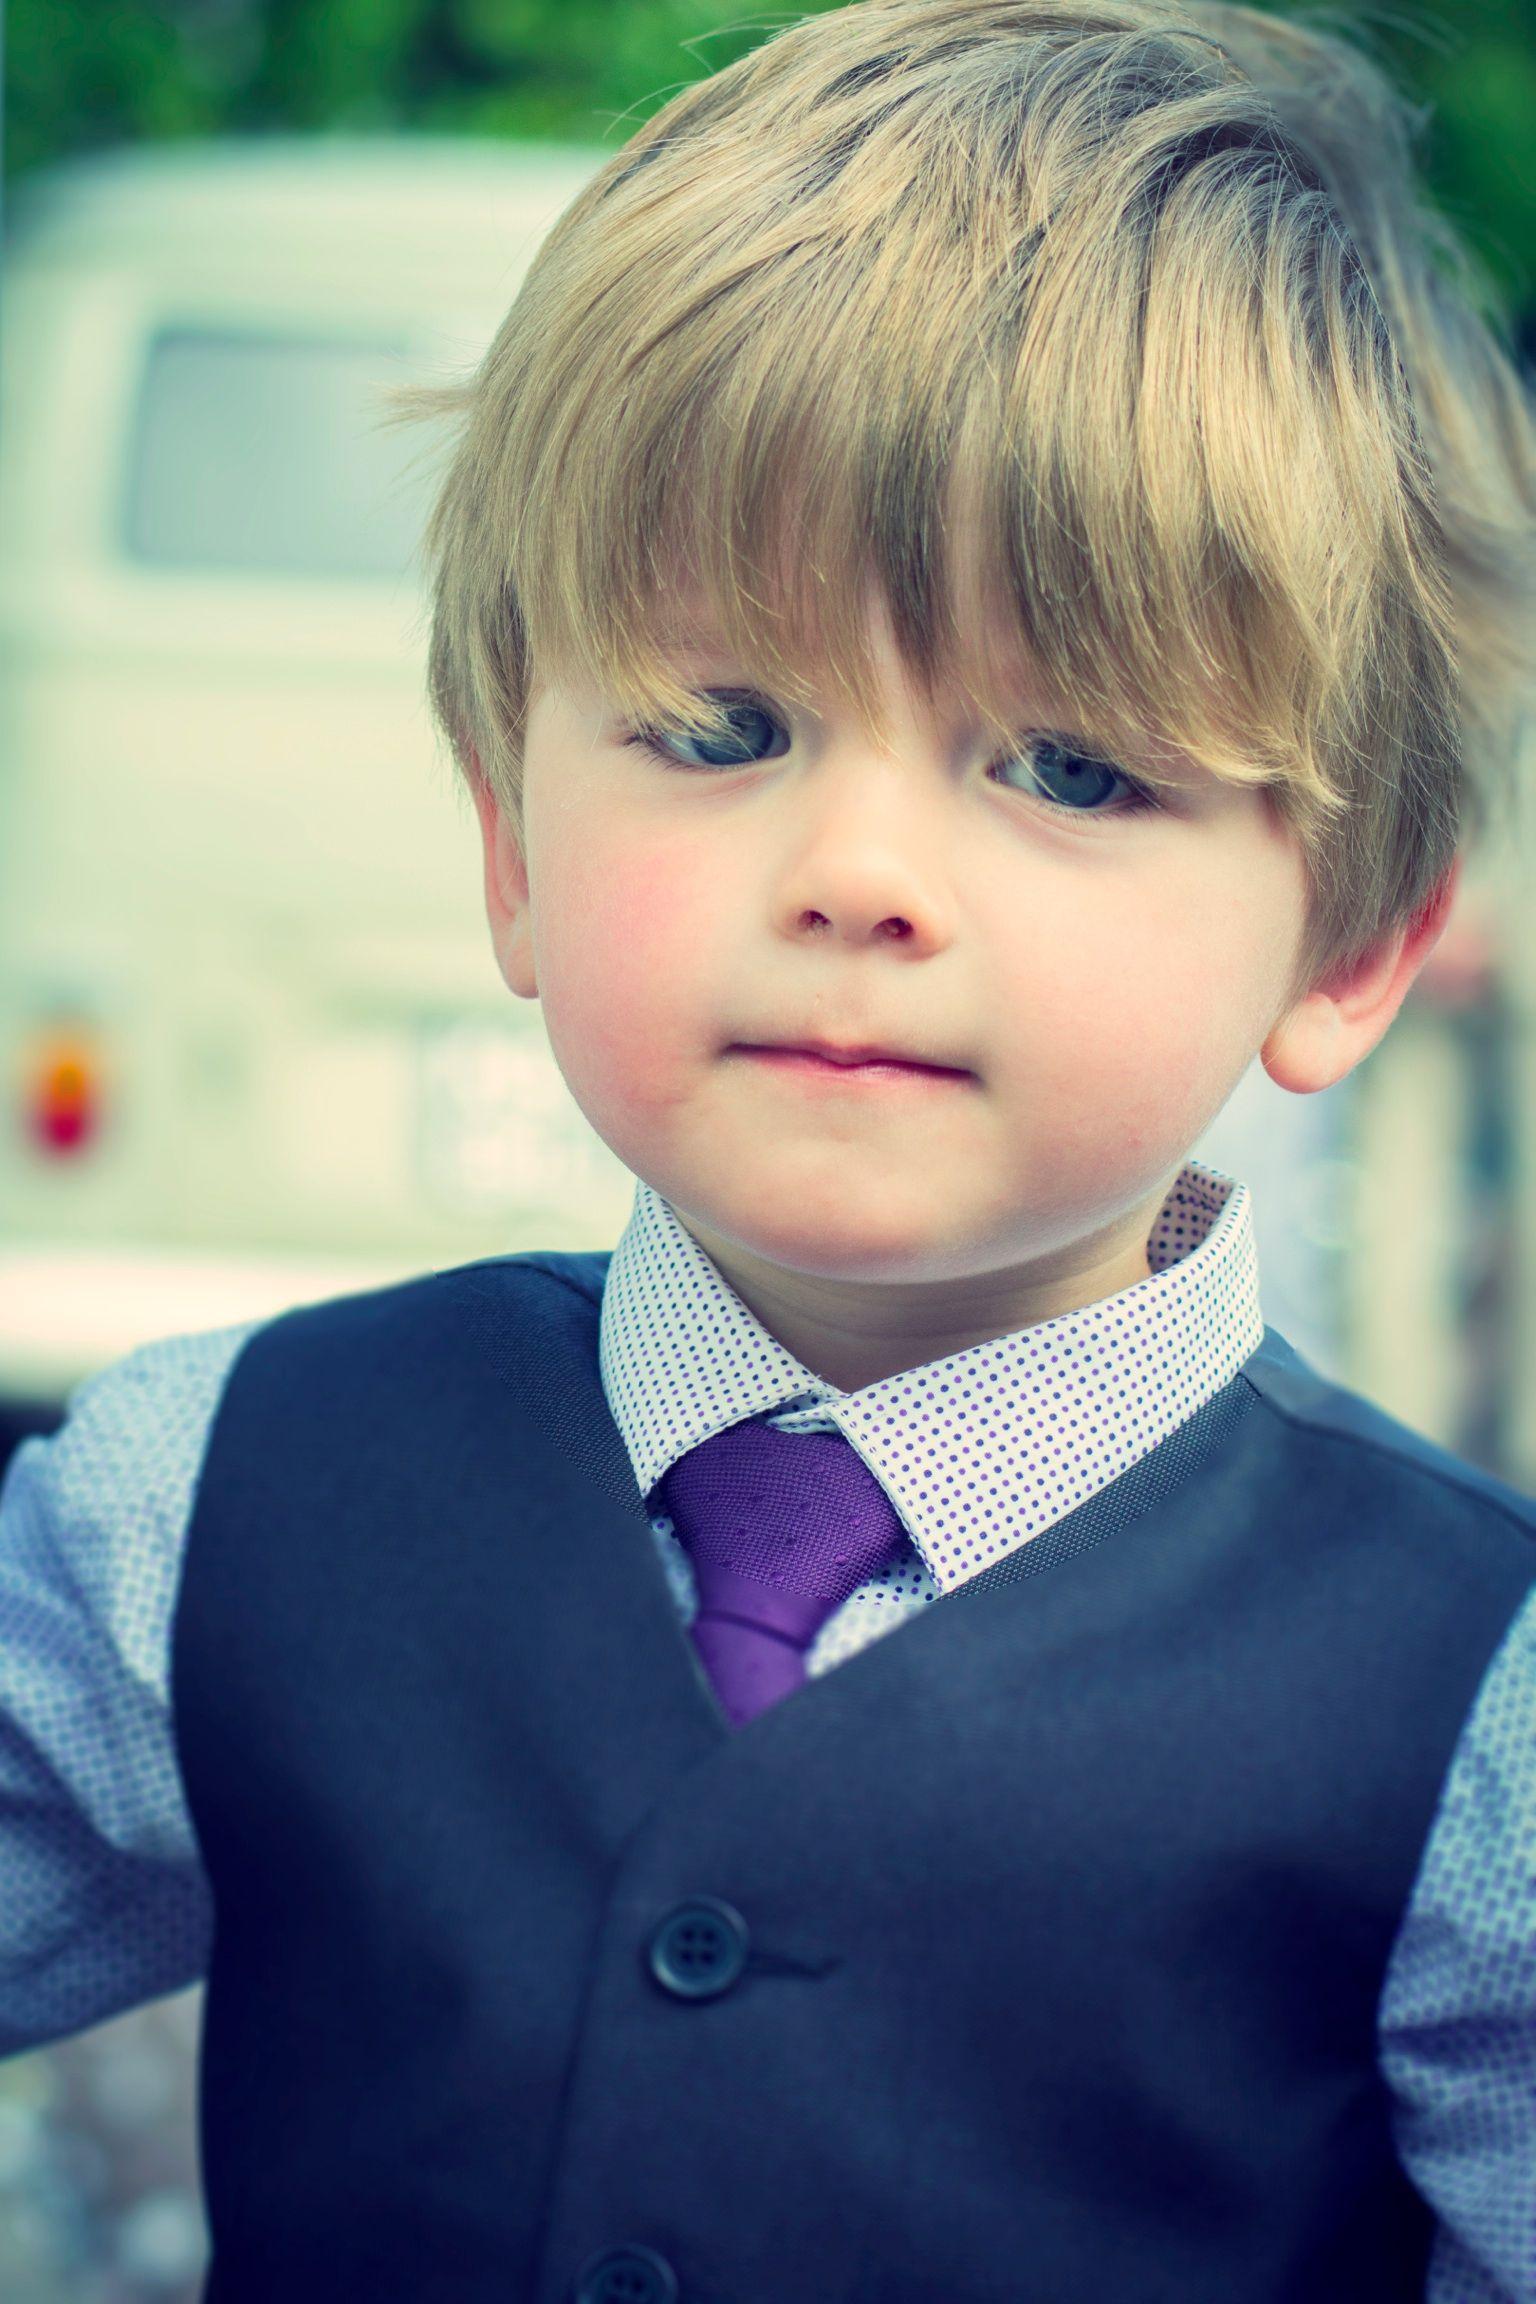 صورة صور اجمل طفل , صور جذابة ومضحكة لاجمل طفل